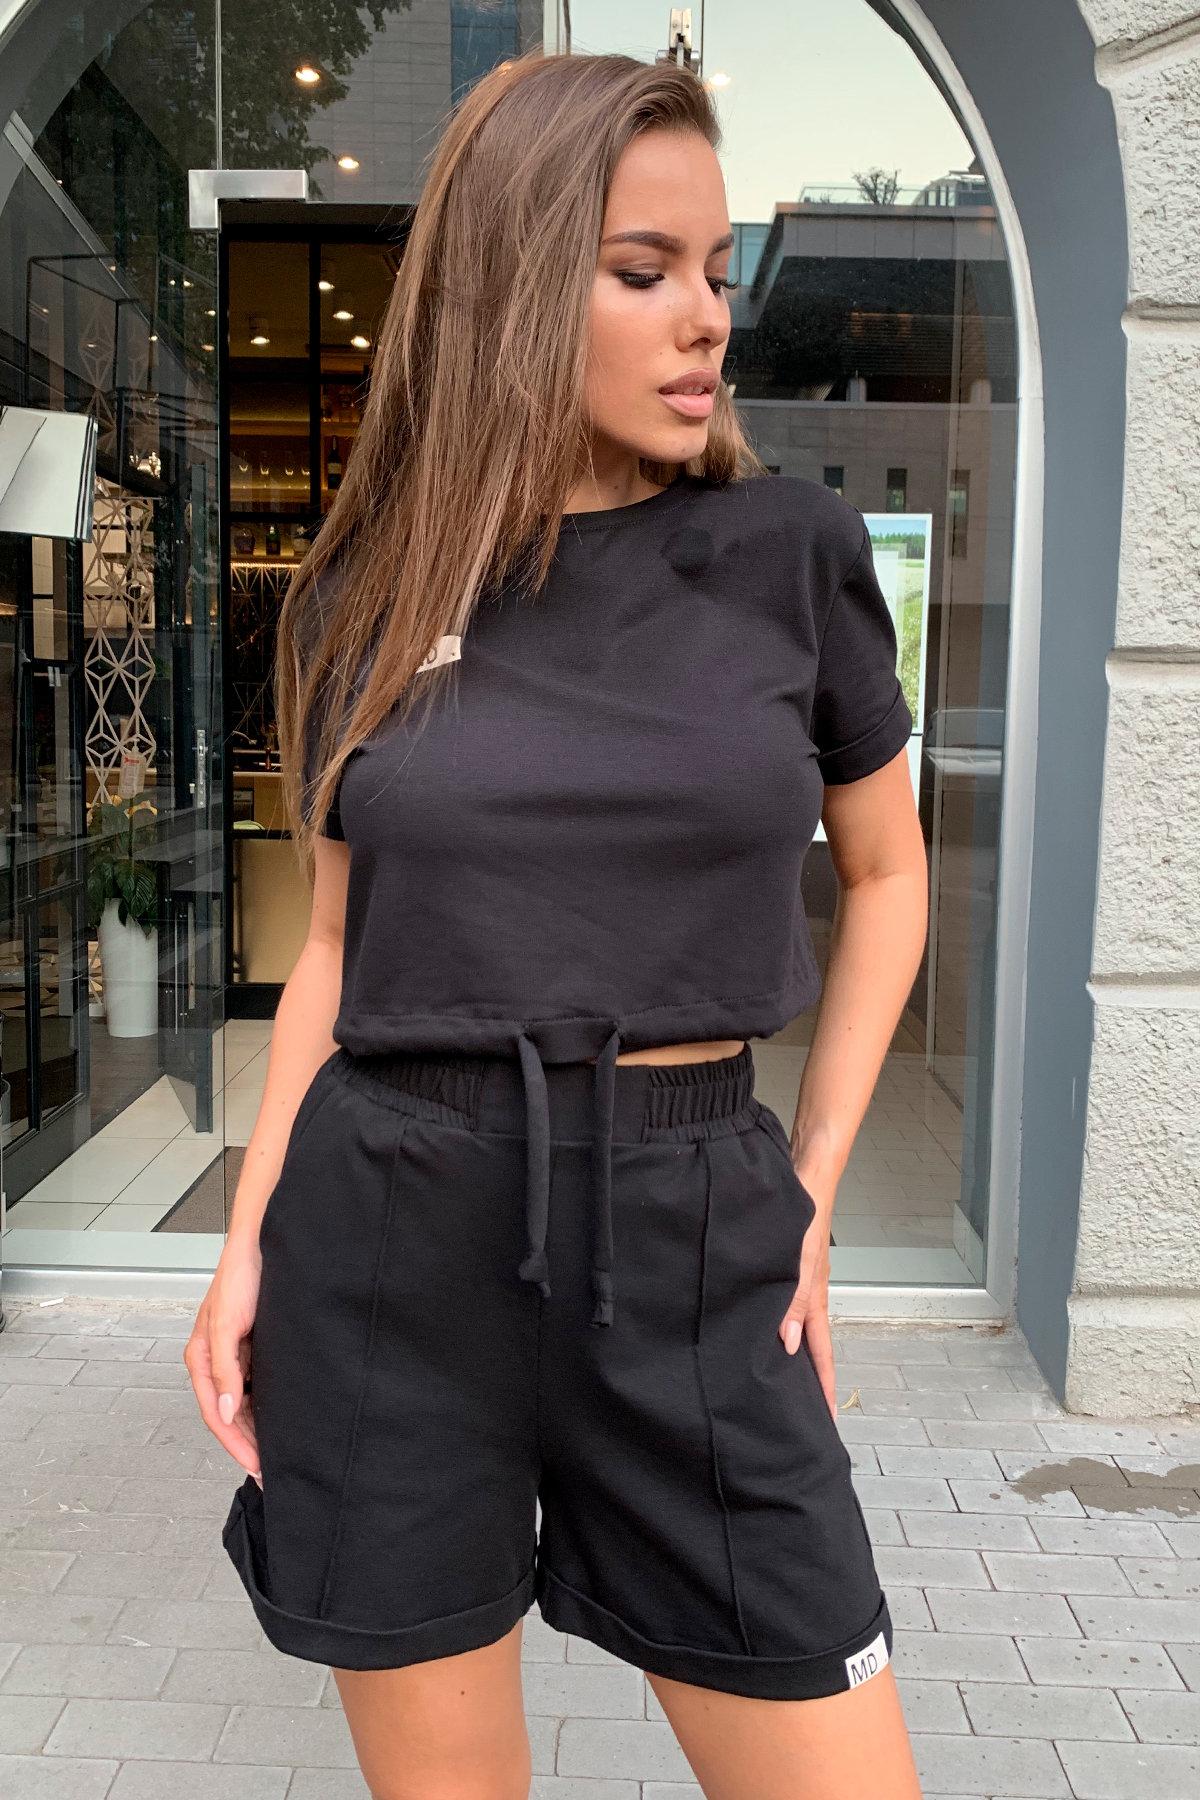 Фреш  костюм трикотажный двунитка тонкий 9252 АРТ. 45590 Цвет: Черный - фото 5, интернет магазин tm-modus.ru